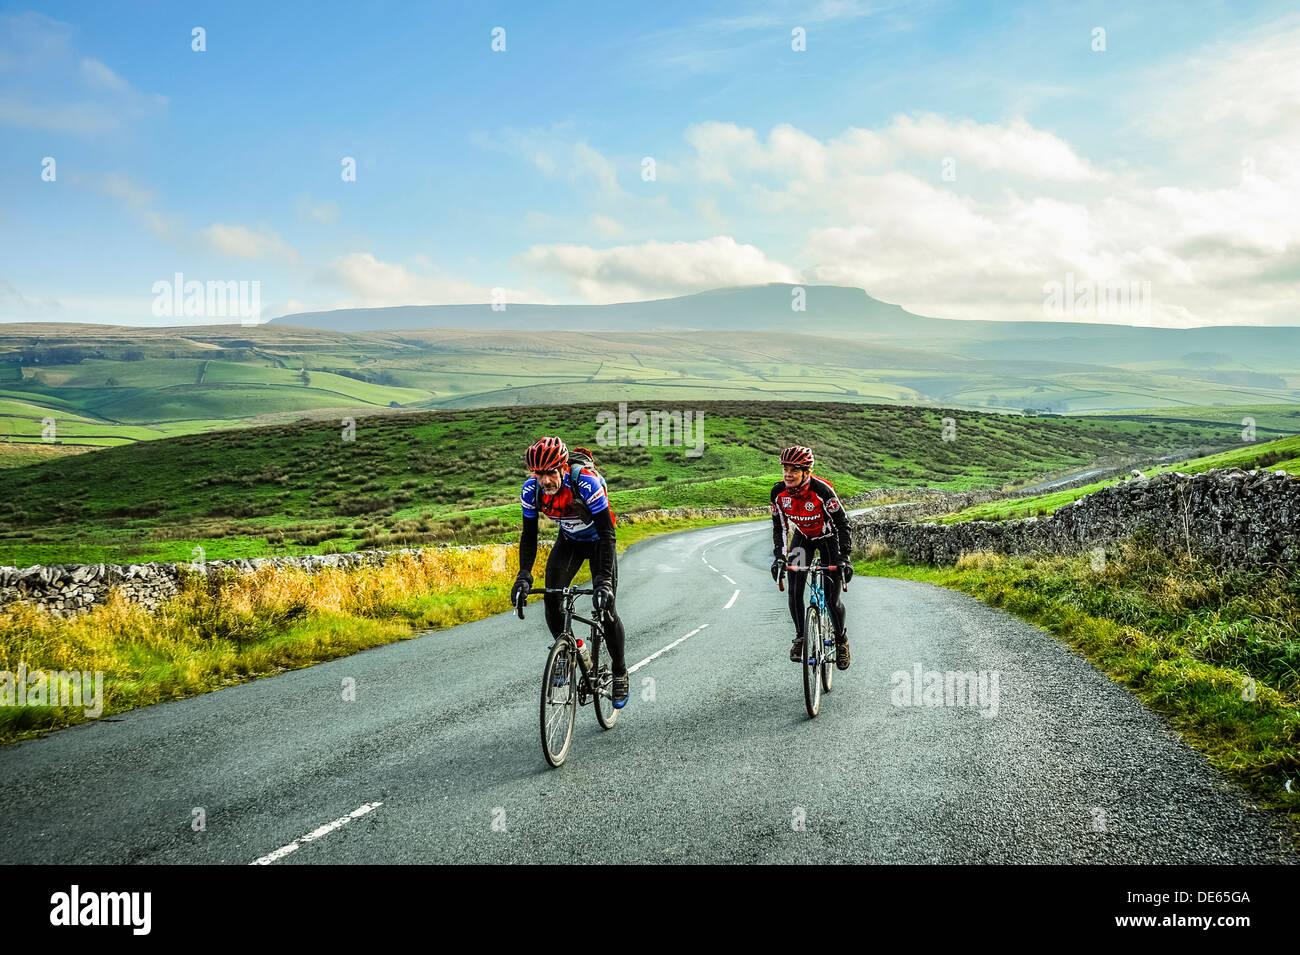 Los ciclistas en Ribblesdale en Yorkshire Dales National Park con Pen-y-Ghent detrás Imagen De Stock